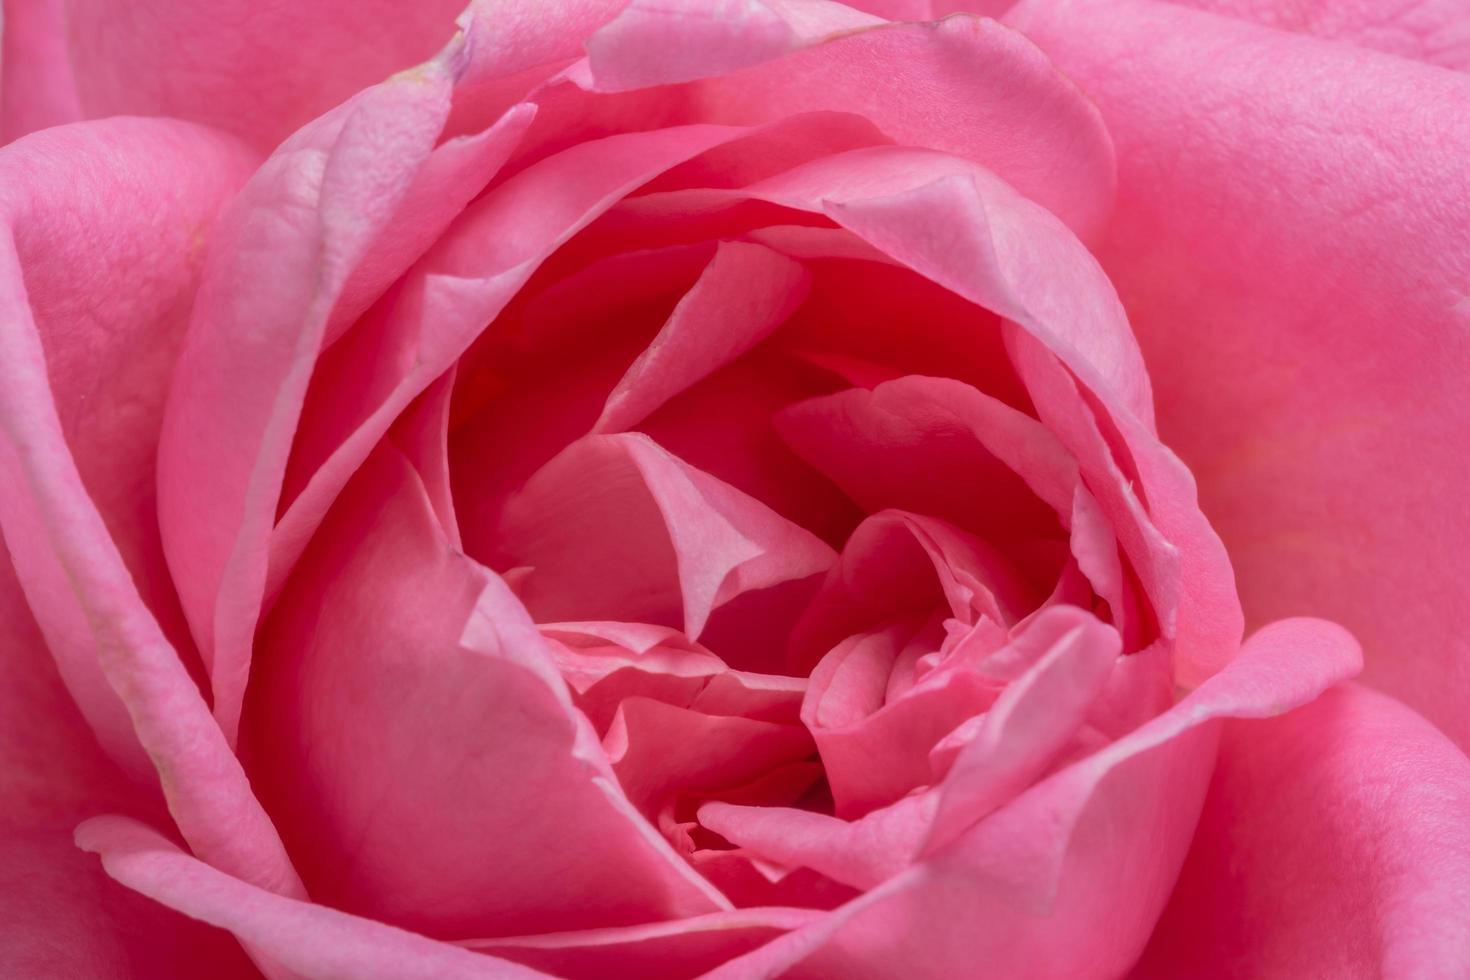 rosa ros närbild foto